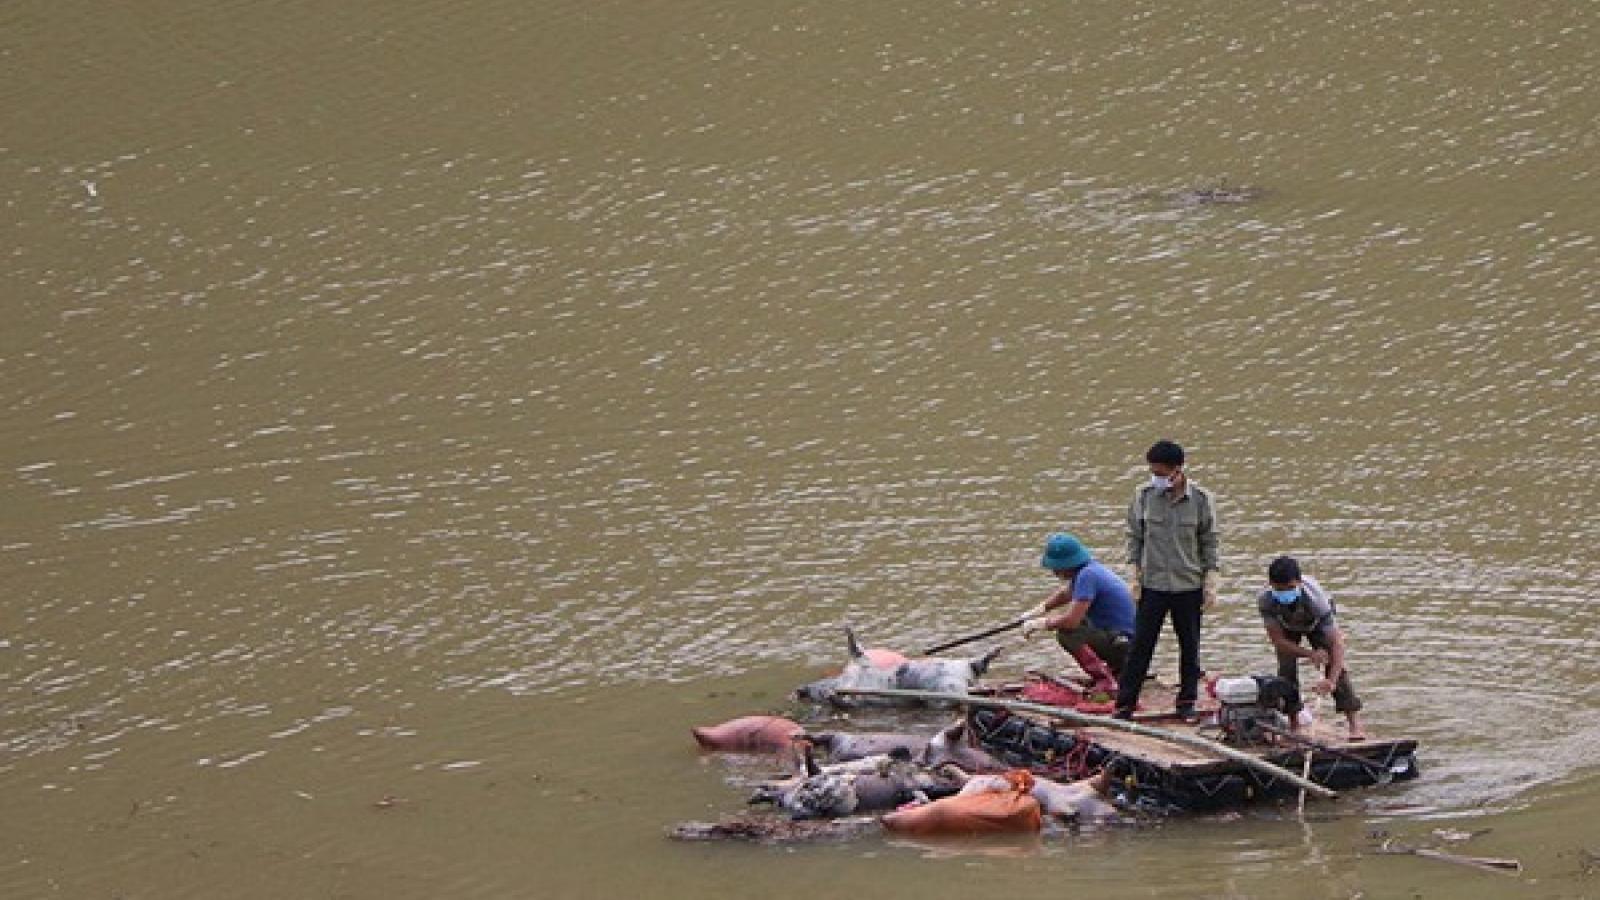 Xử lý nghiêm hành vi vứt xác lợn chết ra sông, suối ở Văn Bàn, Lào Cai